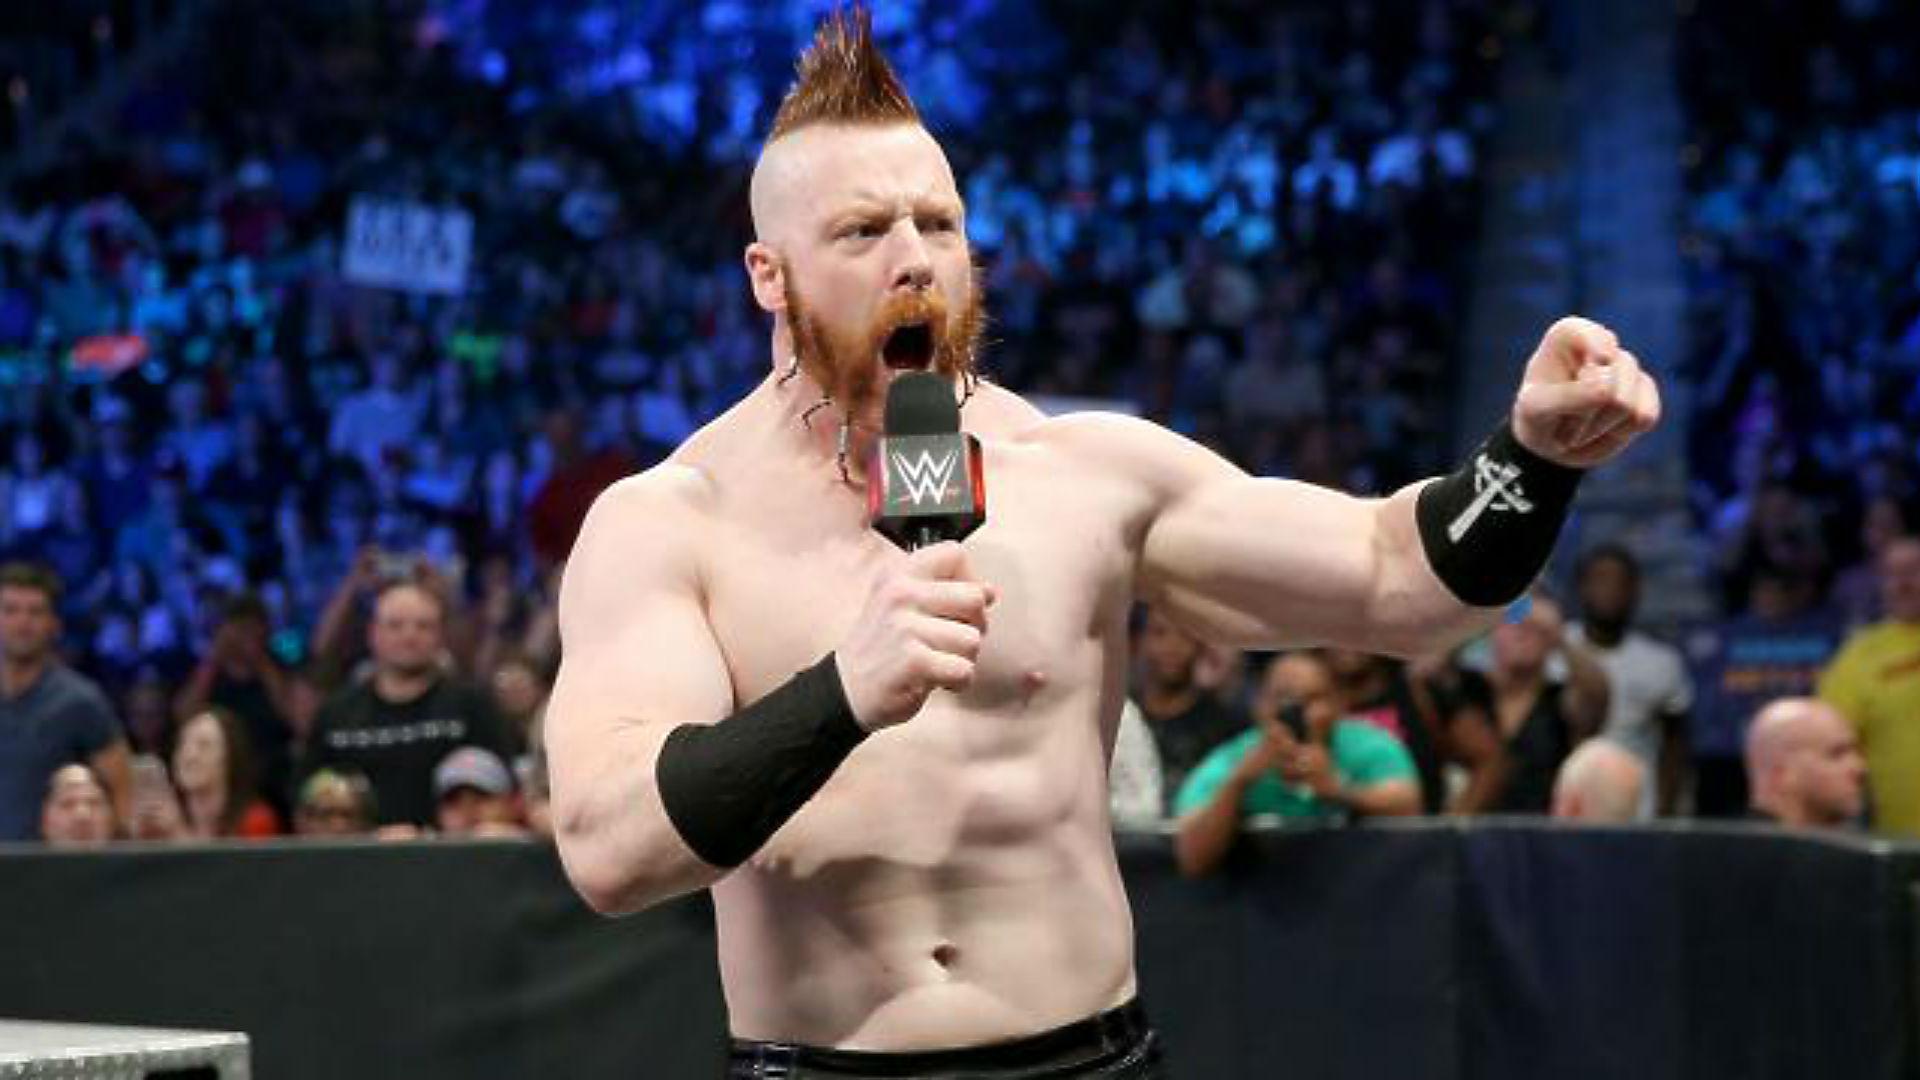 Sheamus podría regresar muy pronto al ring de WWE